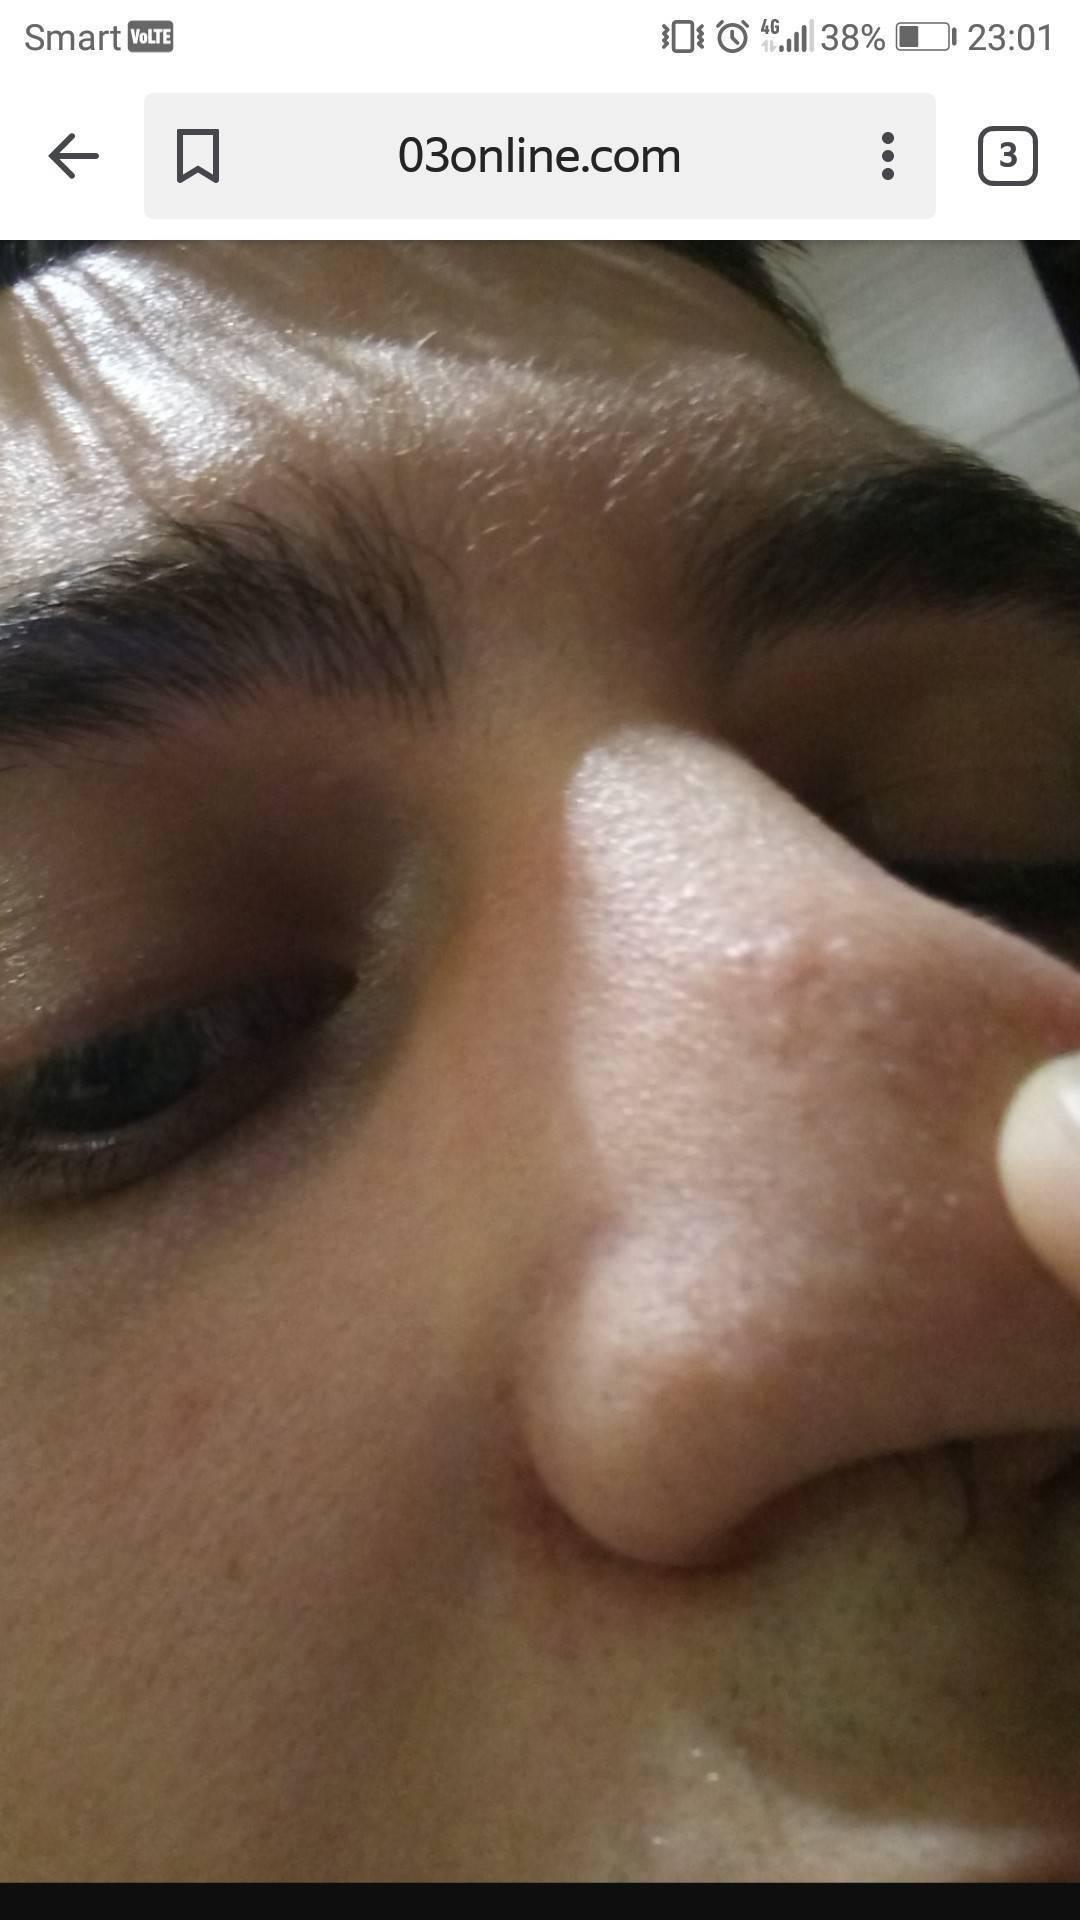 Мазь от болячек в носу и корочек. чем помазать? от простуды и зуда в носу